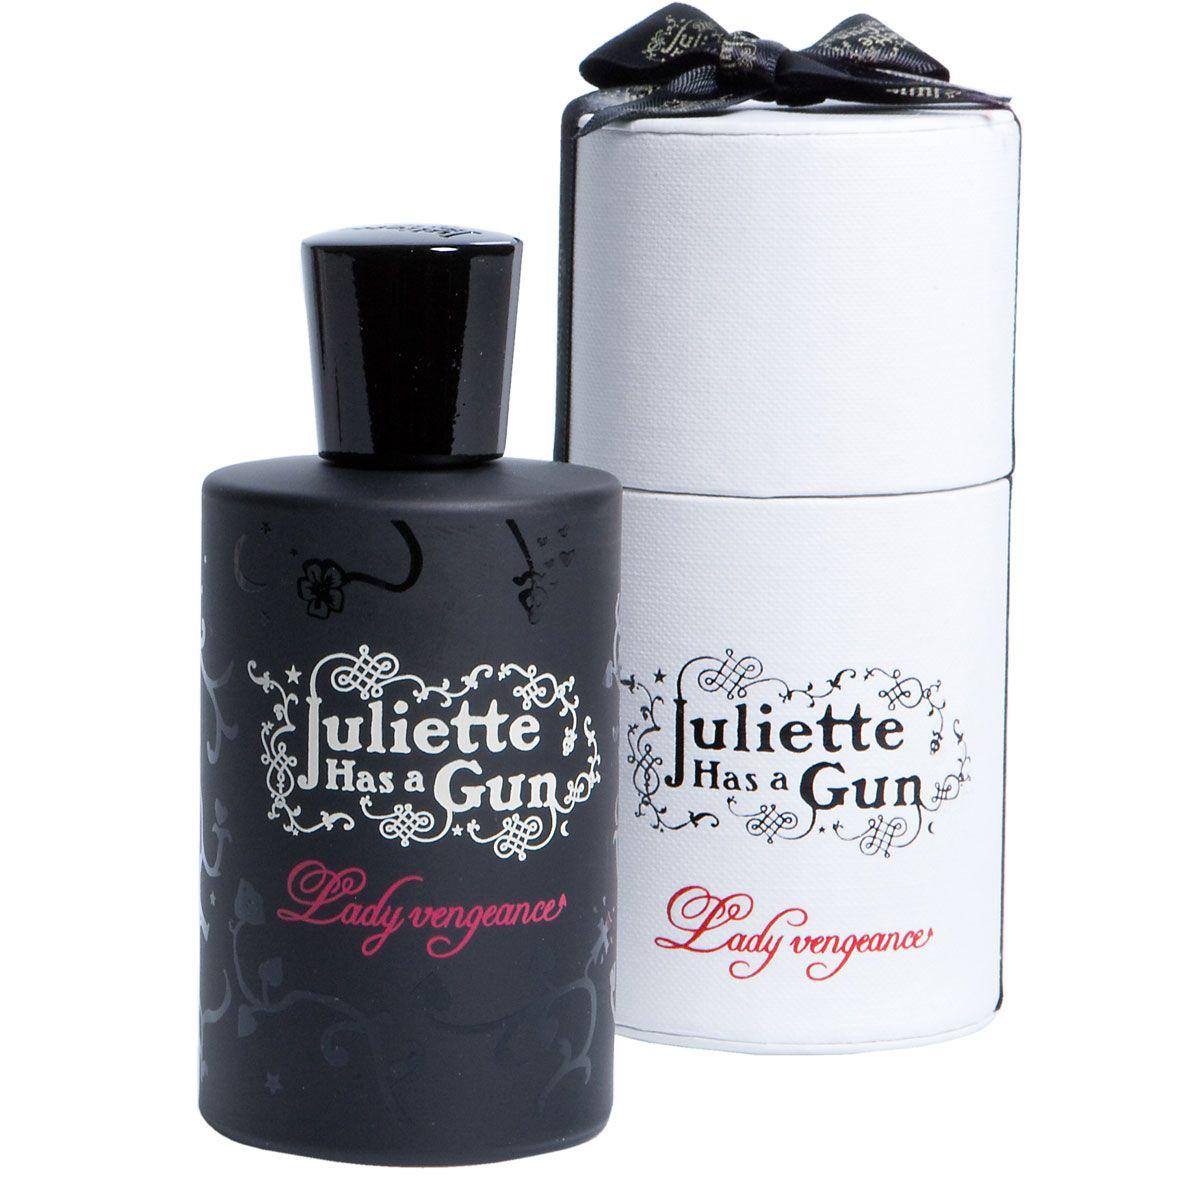 Juliette has a Gun - Lady Vengeance 100ml- Der Ausdruck unbeschreiblicher Weiblichkeit: selbstbewusst, göttlich und sinnlich. Der Duft einer Lady, die aus der Kunst der Verführung kein Geheimnis macht. Er kann riechen... Er kann träumen... Aber die Entscheidung liegt in ihrer Hand.